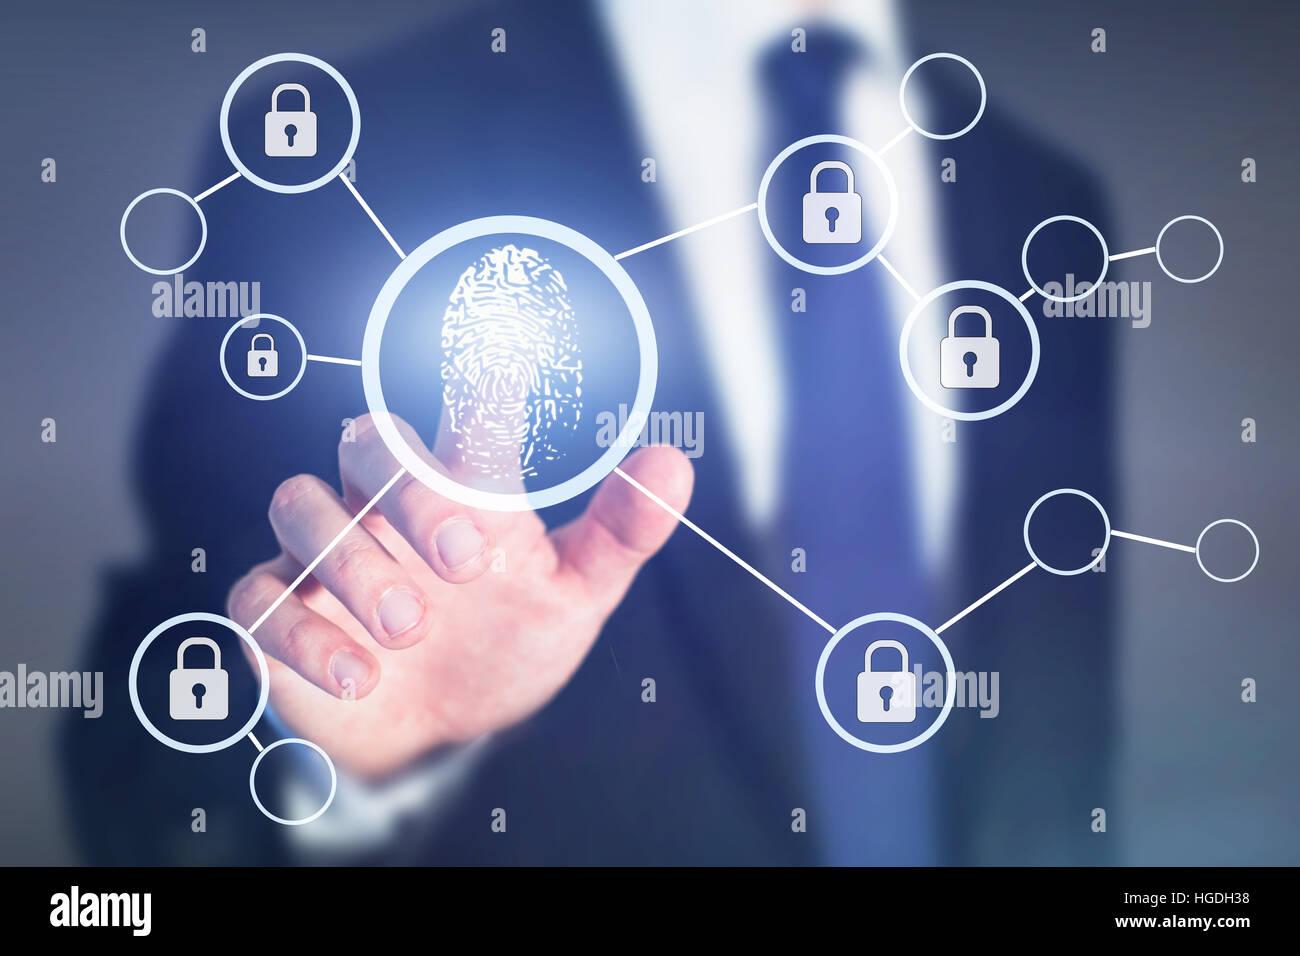 Impronte digitali di accesso autorizzazione concetto, dati personali la sicurezza delle informazioni Immagini Stock